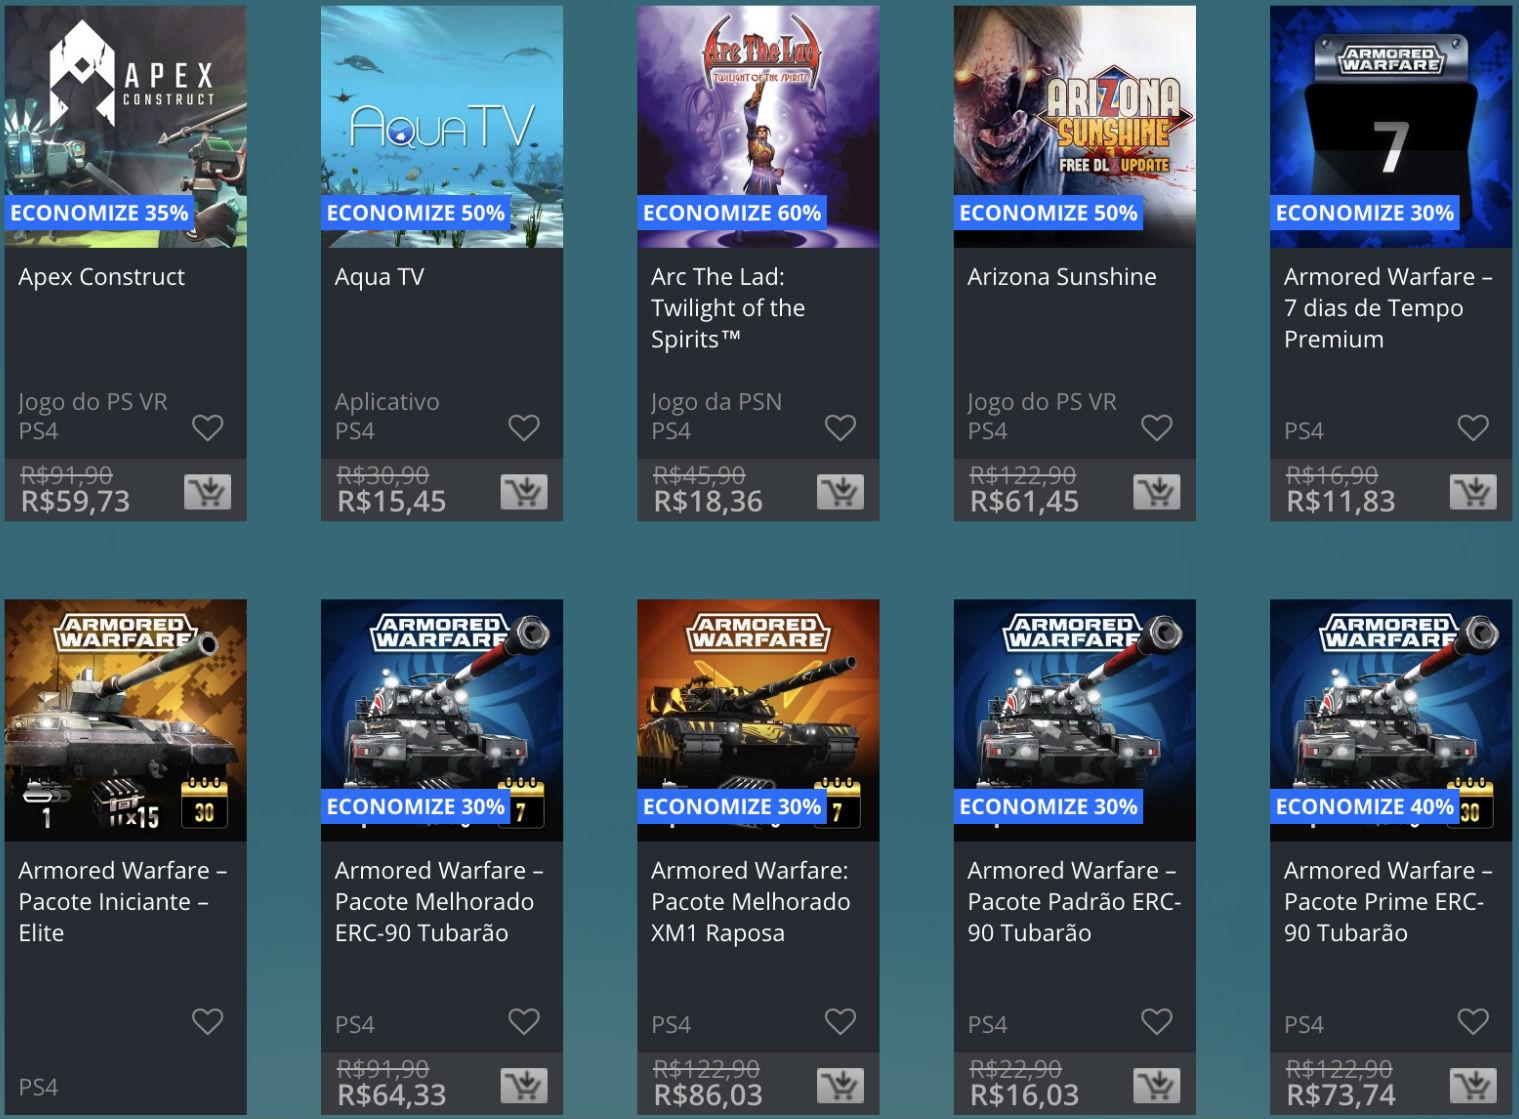 Promoção de Meio do Ano na PS Store com mais de 600 itens com preços que variam de R$ 10 a R$ 200 25